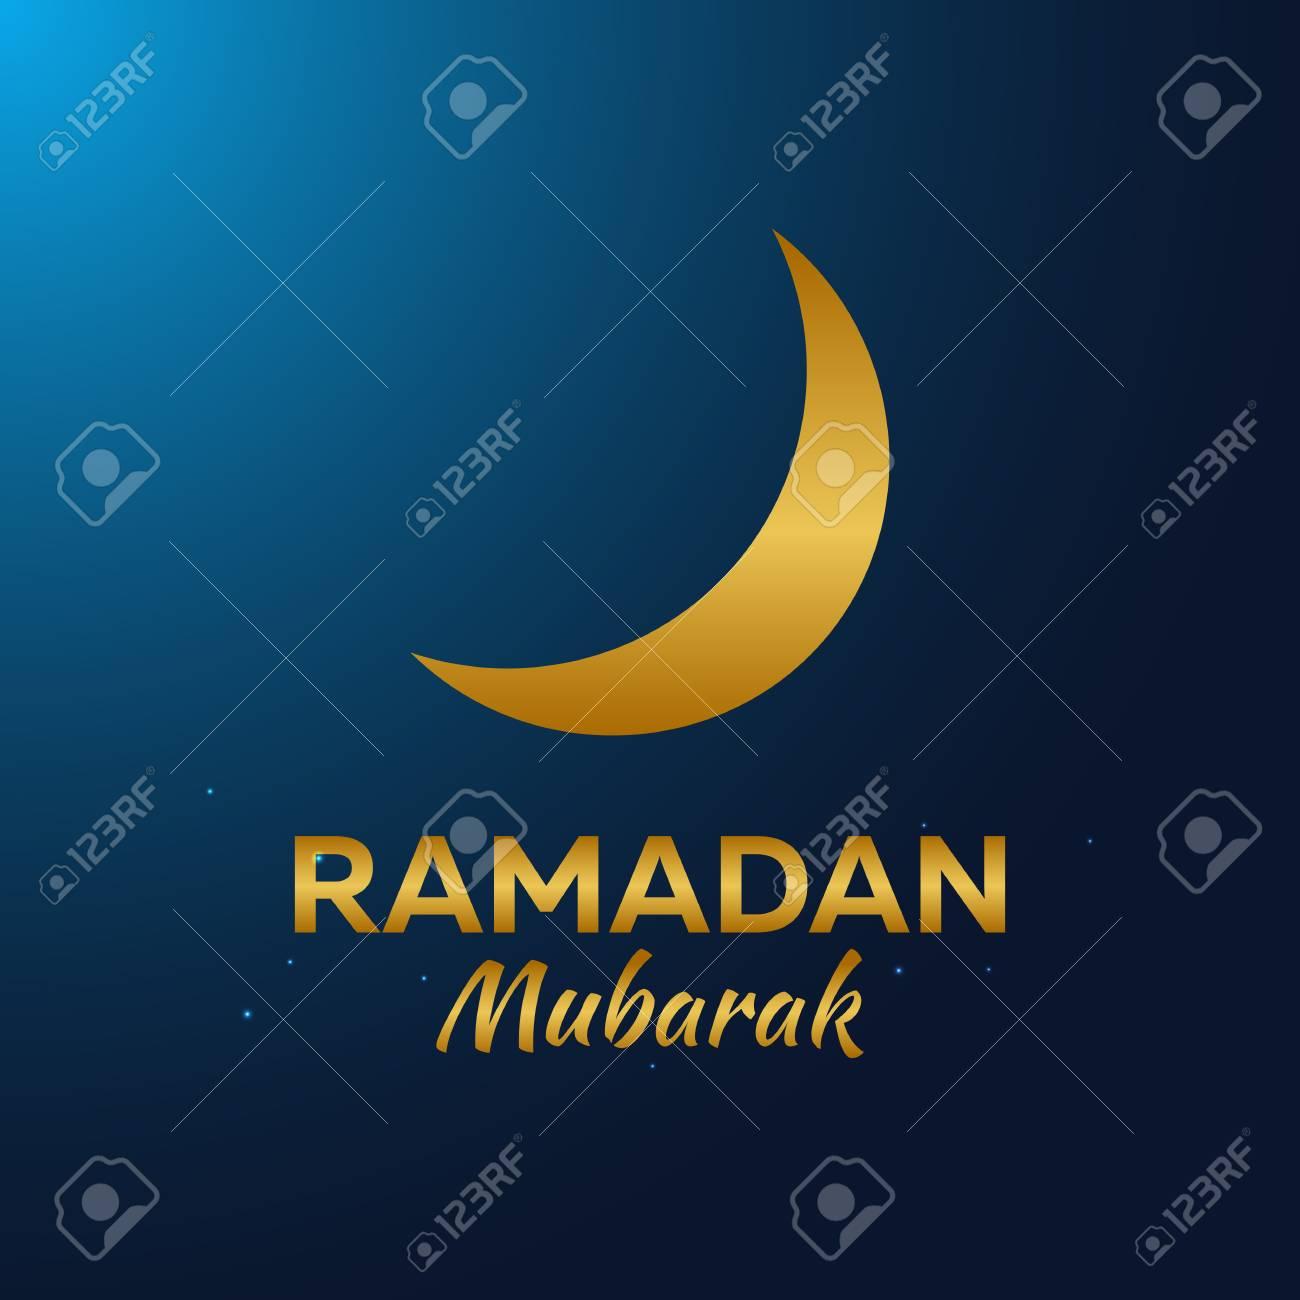 Ramadan kareem ramadan mubarak greeting card arabian night ramadan kareem ramadan mubarak greeting card arabian night with crescent moon stock vector m4hsunfo